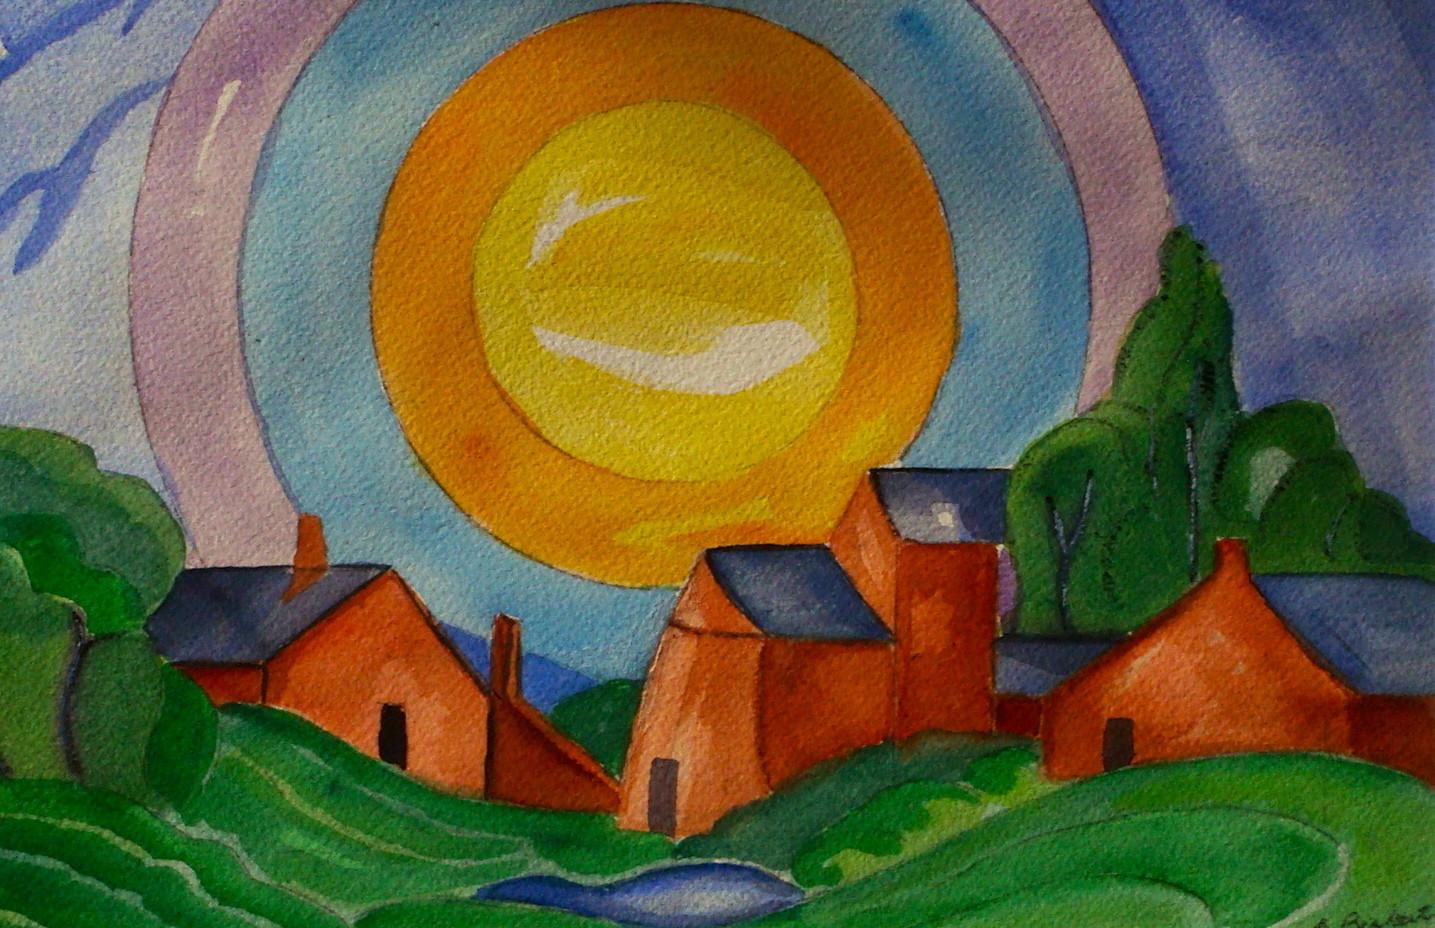 El Sol, watercolor, 11.5 x 7.5